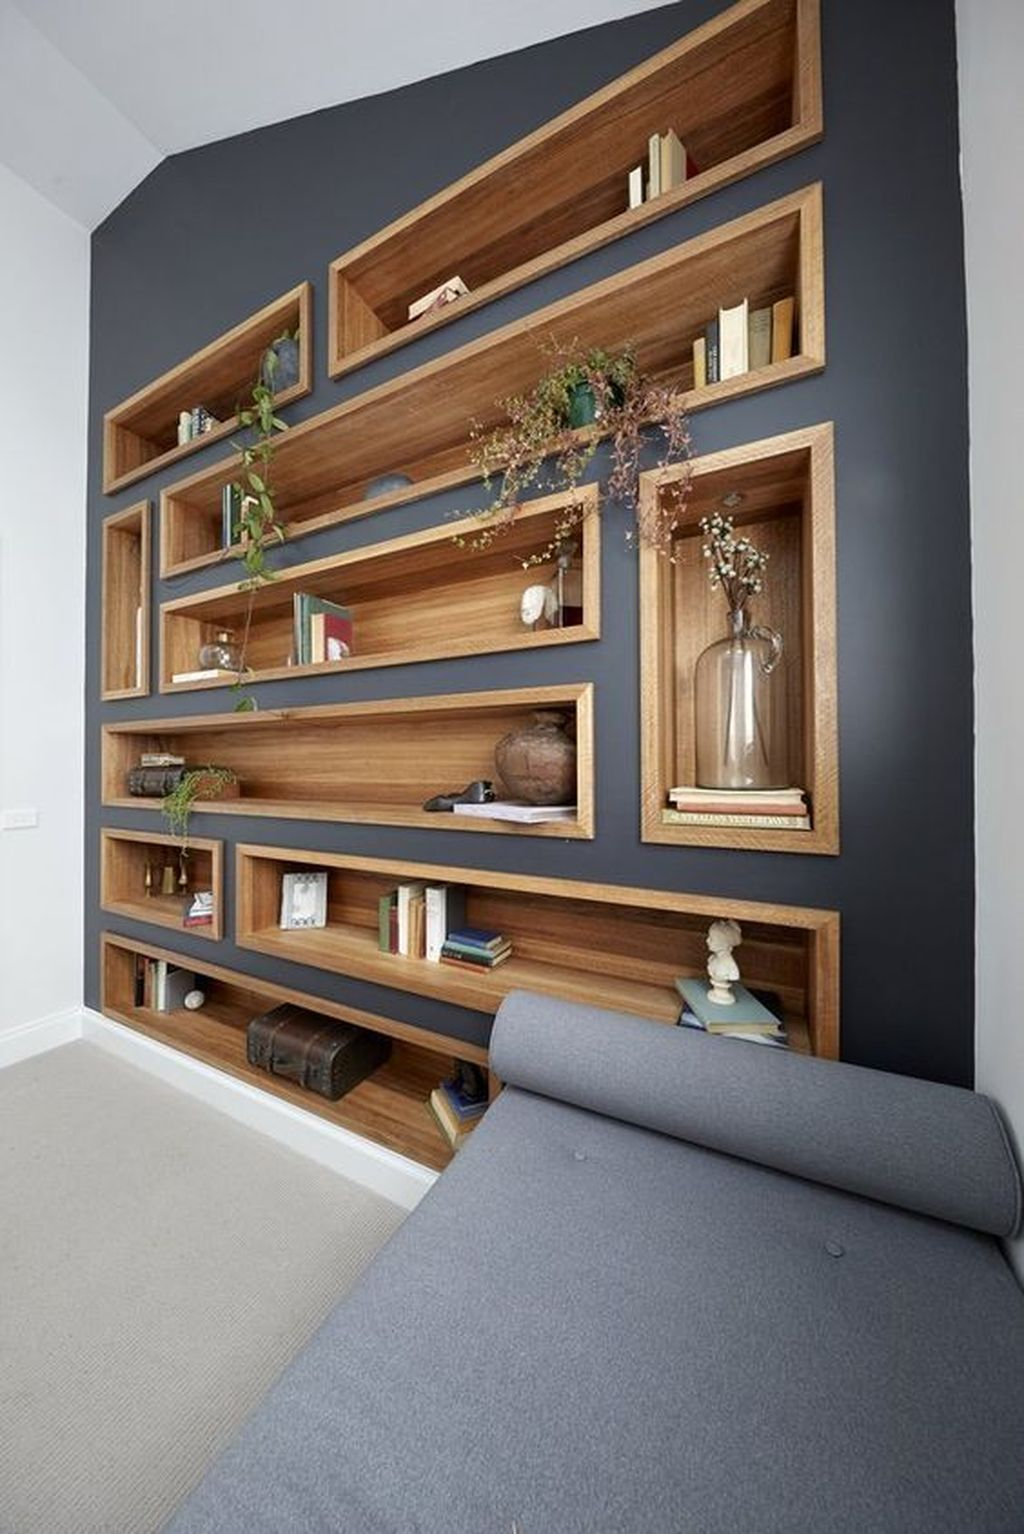 Elegant Bookshelves Decor Ideas That Trending Today 52